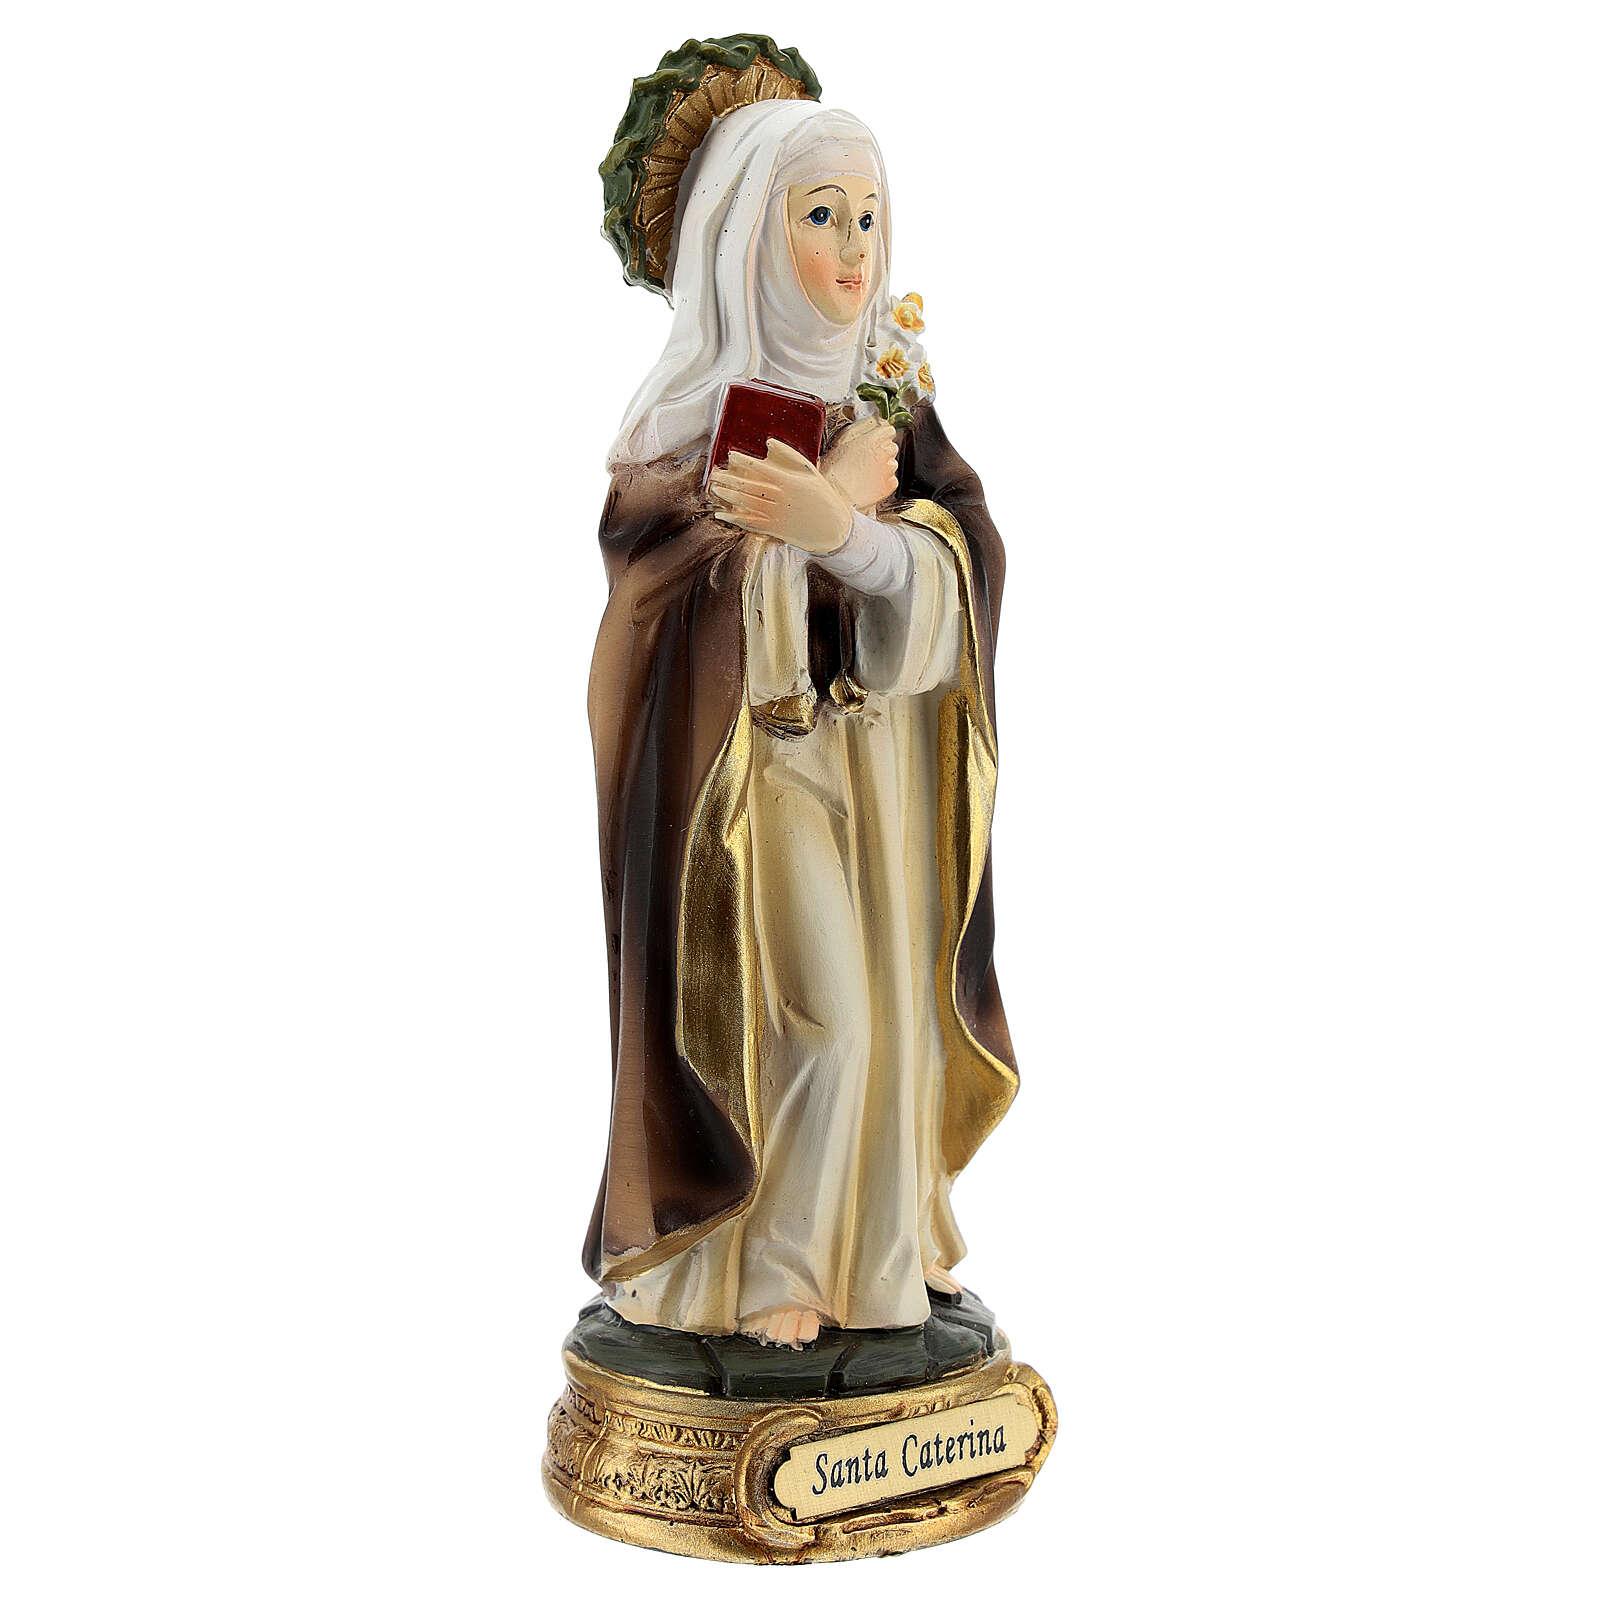 Santa Caterina Siena corona spine giglio statua resina 12 cm 4